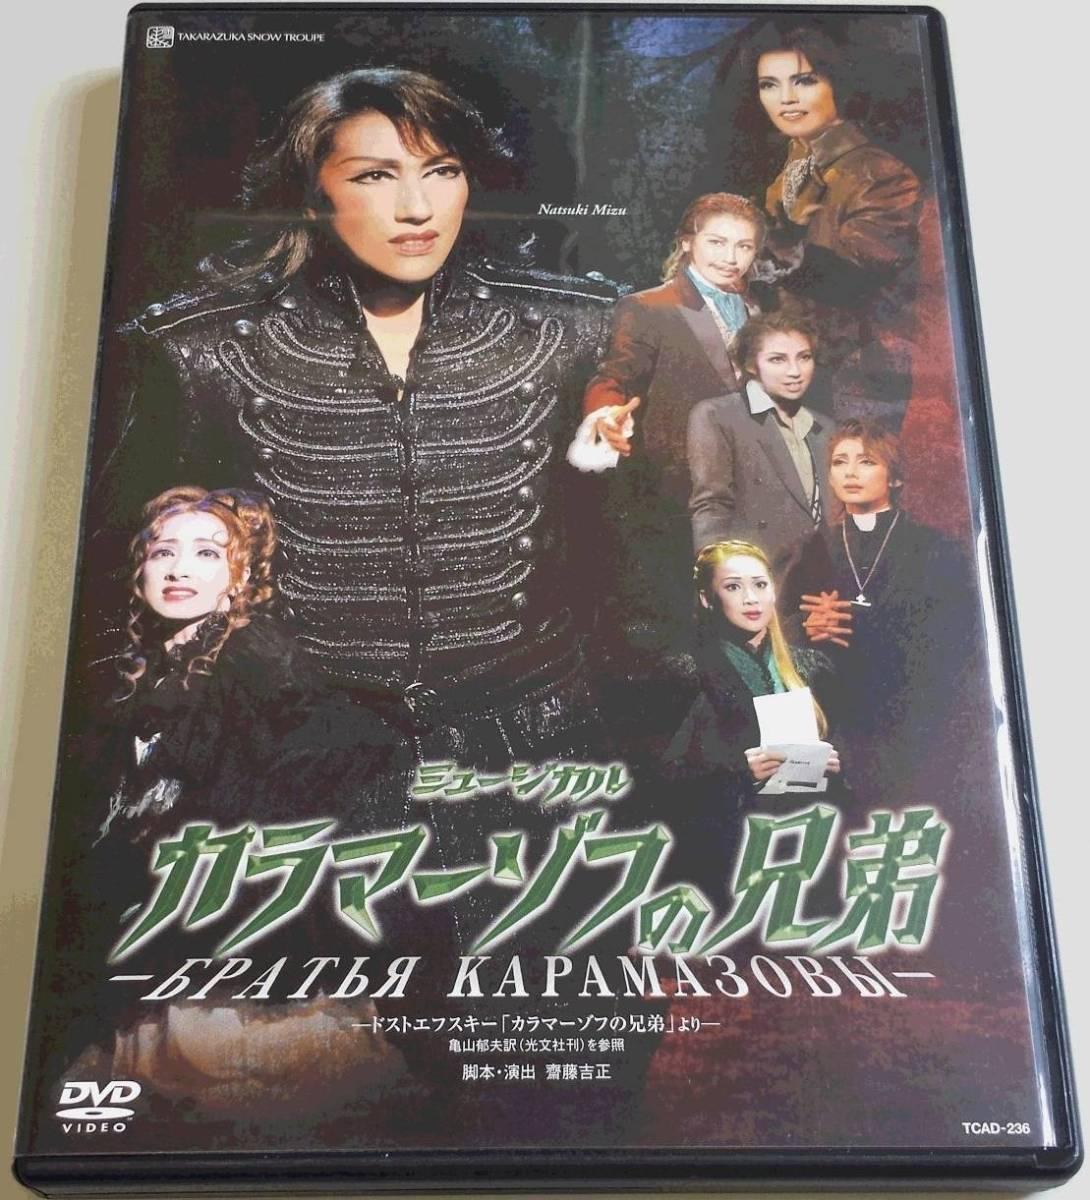 宝塚歌劇 DVD 雪組『カラマーゾフの兄弟』 水夏希 彩吹真央 白羽ゆり グッズの画像